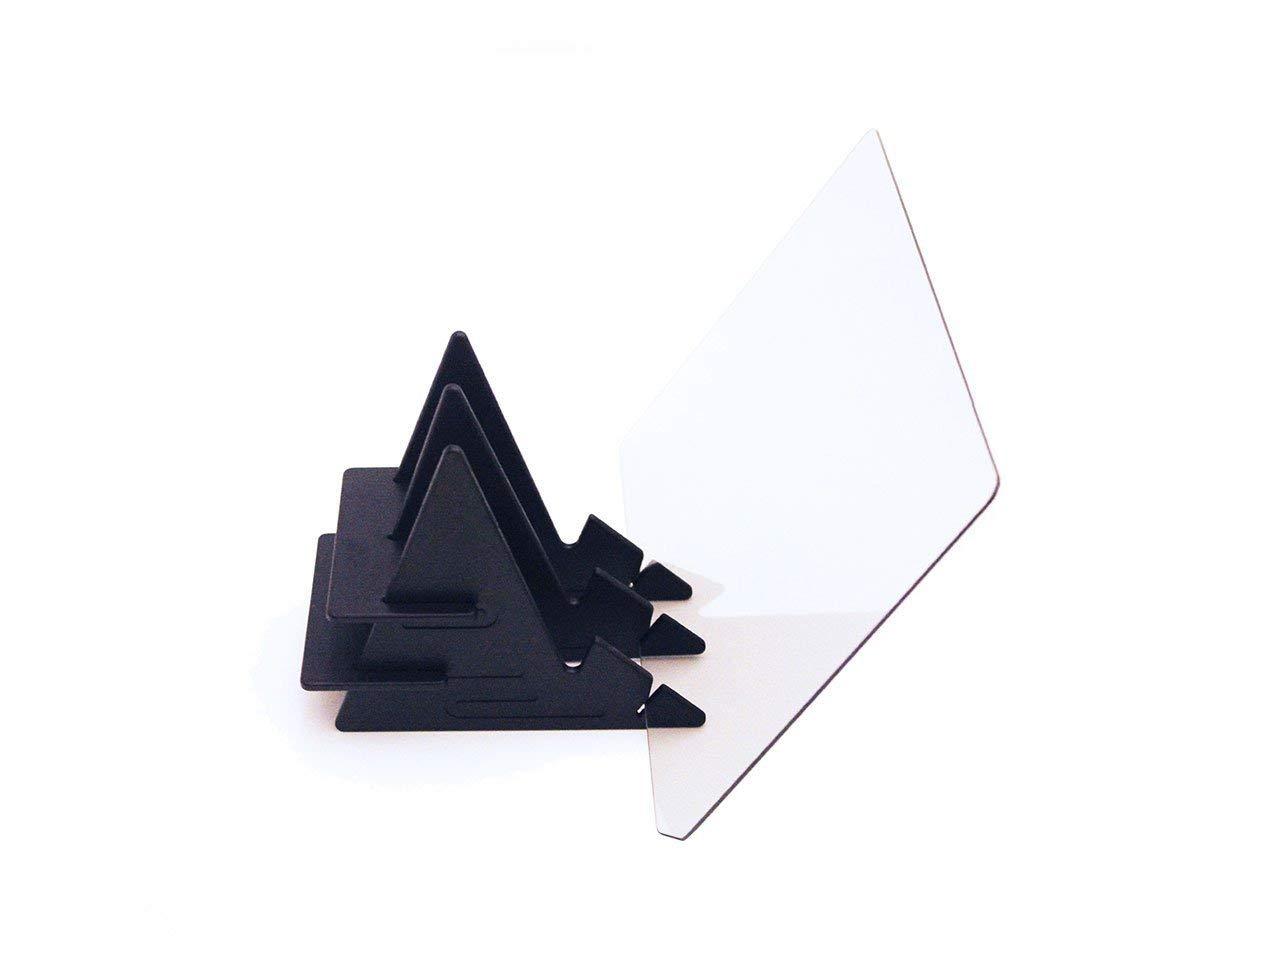 Tavoletta da Disegno Ottico per Disegno Proiettore Disegno Ottico per Ricalco di Immagini Ottiche Pittura e Calligrafia ETCHR Mirror